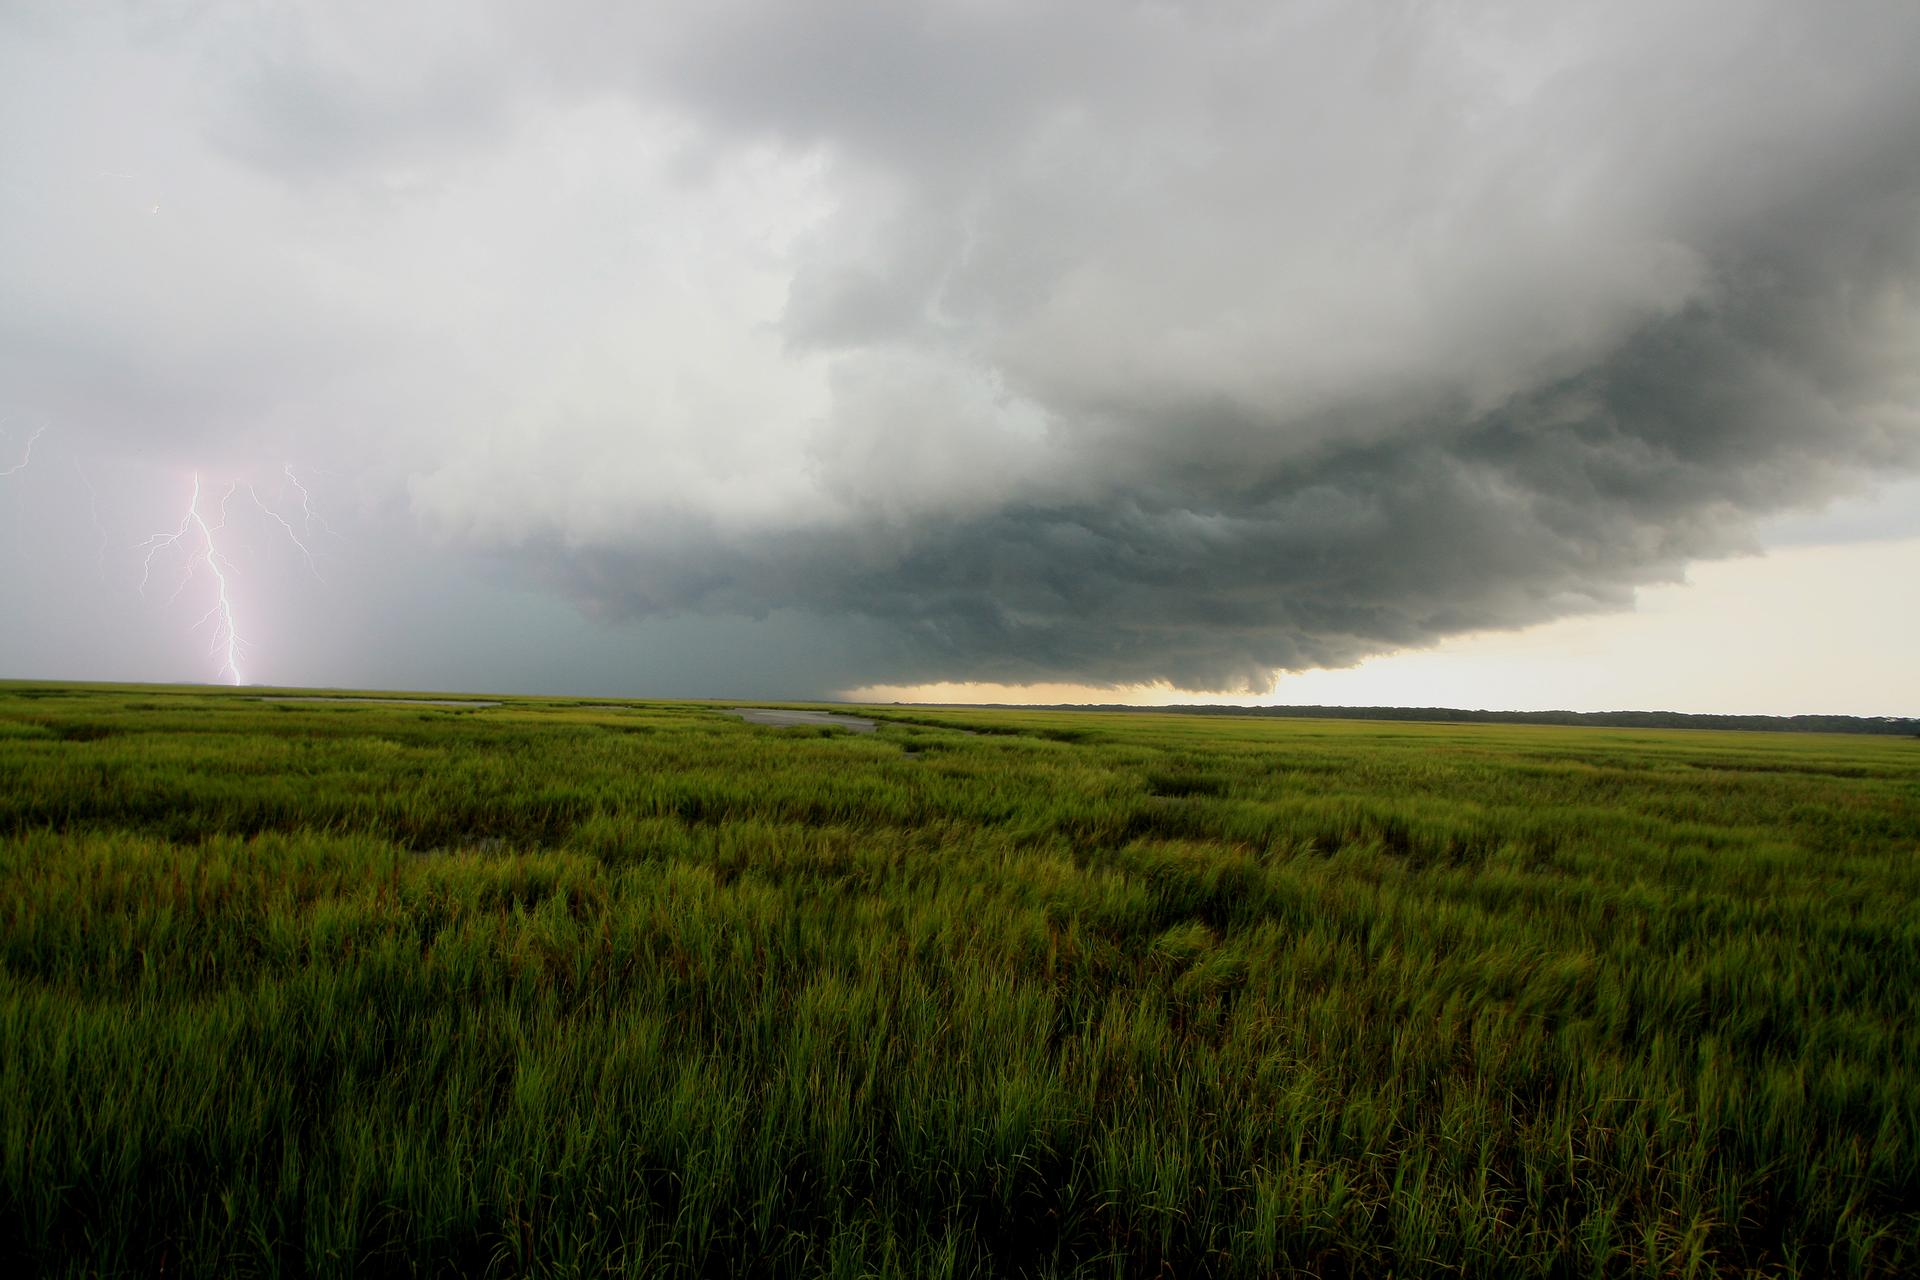 Zdjęcie ukazujące nadciągającą burzę iuderzenie pioruna. Na pierwszym planie widać, że jeszcze nie pada ijest spokój